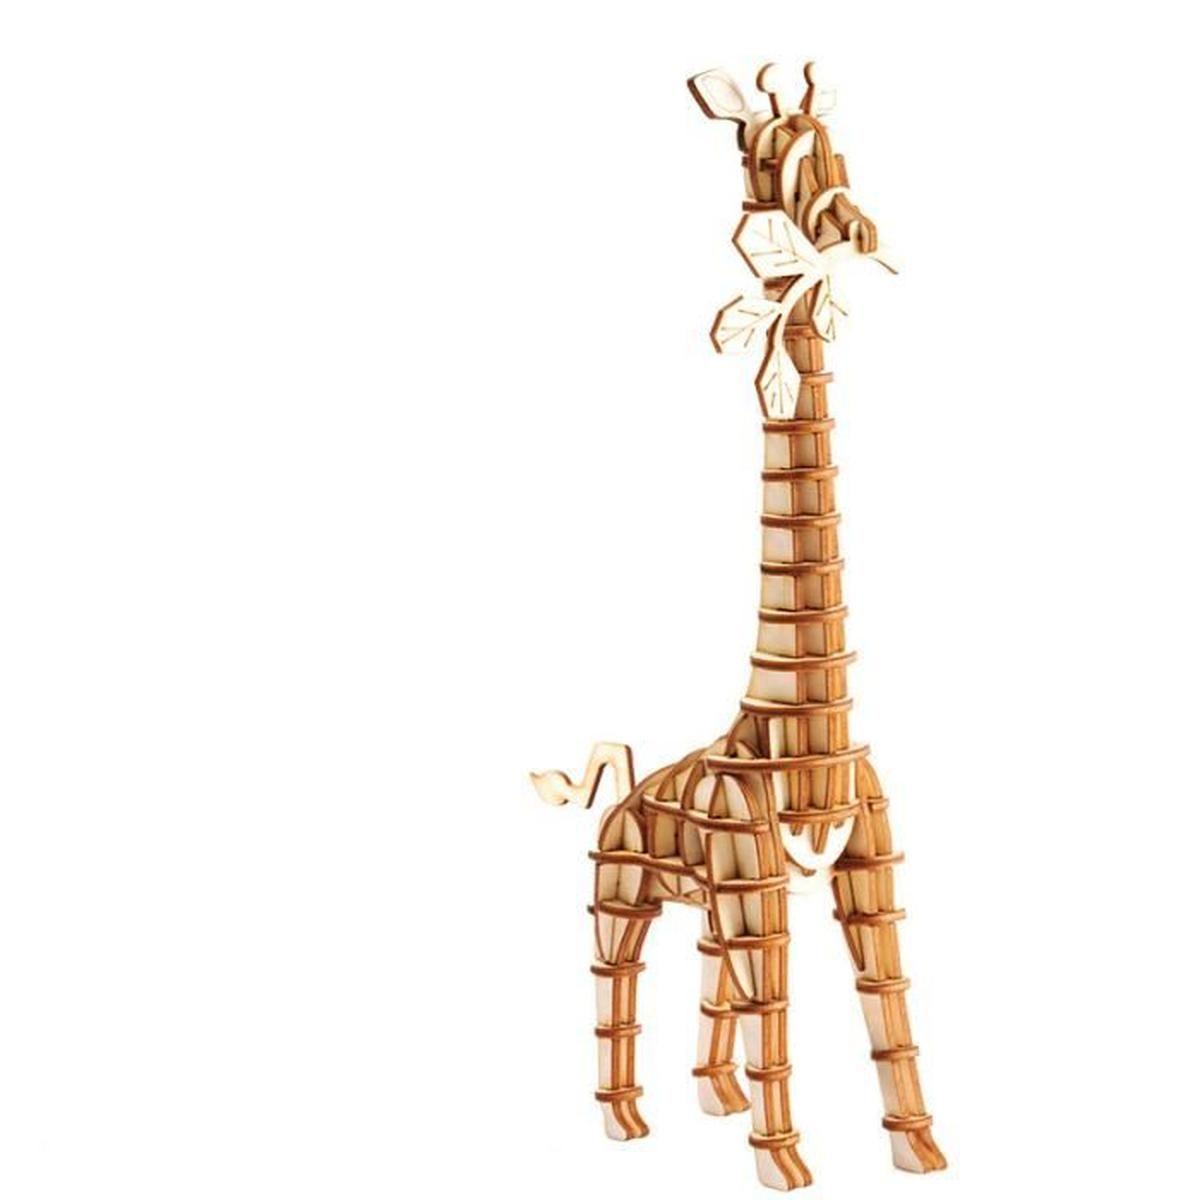 Bricolage 3D Puzzle Jeu D'assemblage Animaux Girafe Modèle En Bois Kit De  Construction Enfant Jouet Cadeau D'anniversaire Noël Fête dedans Jeux De Girafe Gratuit